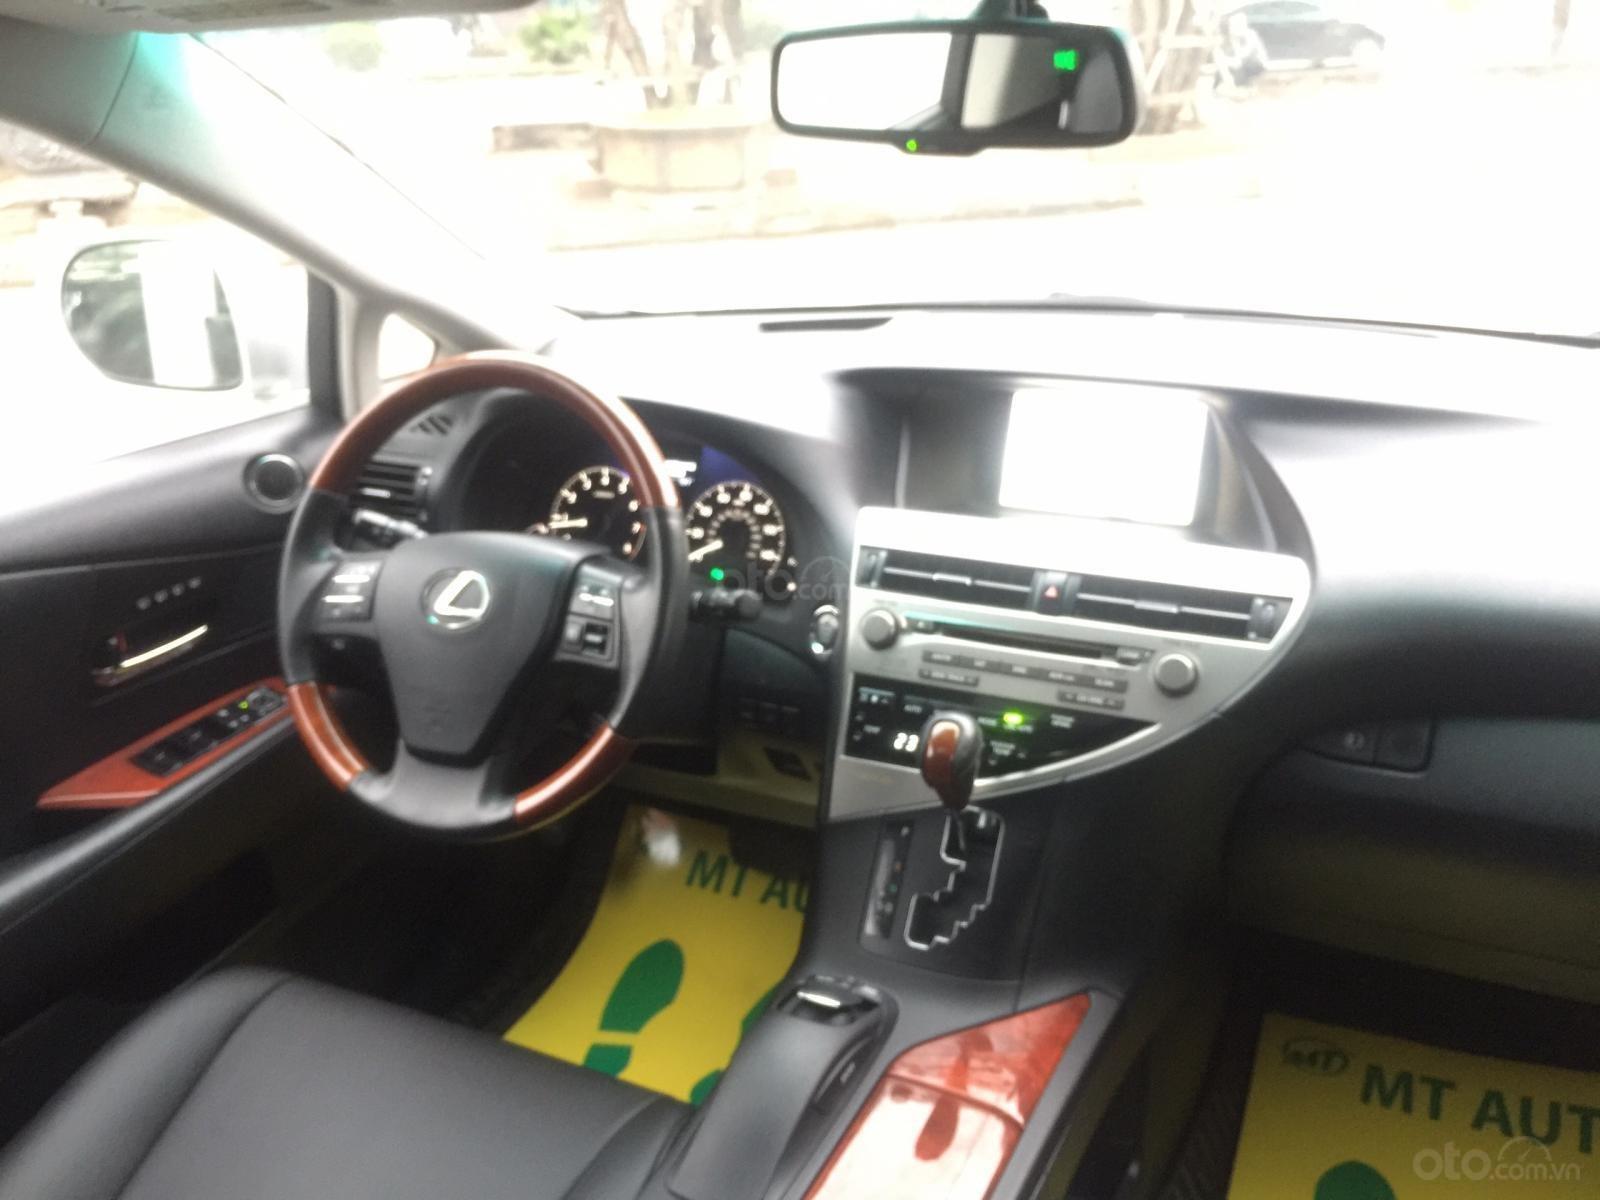 MT Auto bán Lexus RX 350 đời 2012, màu xám (ghi), nhập khẩu nguyên chiếc, LH e Hương 0945392468-7